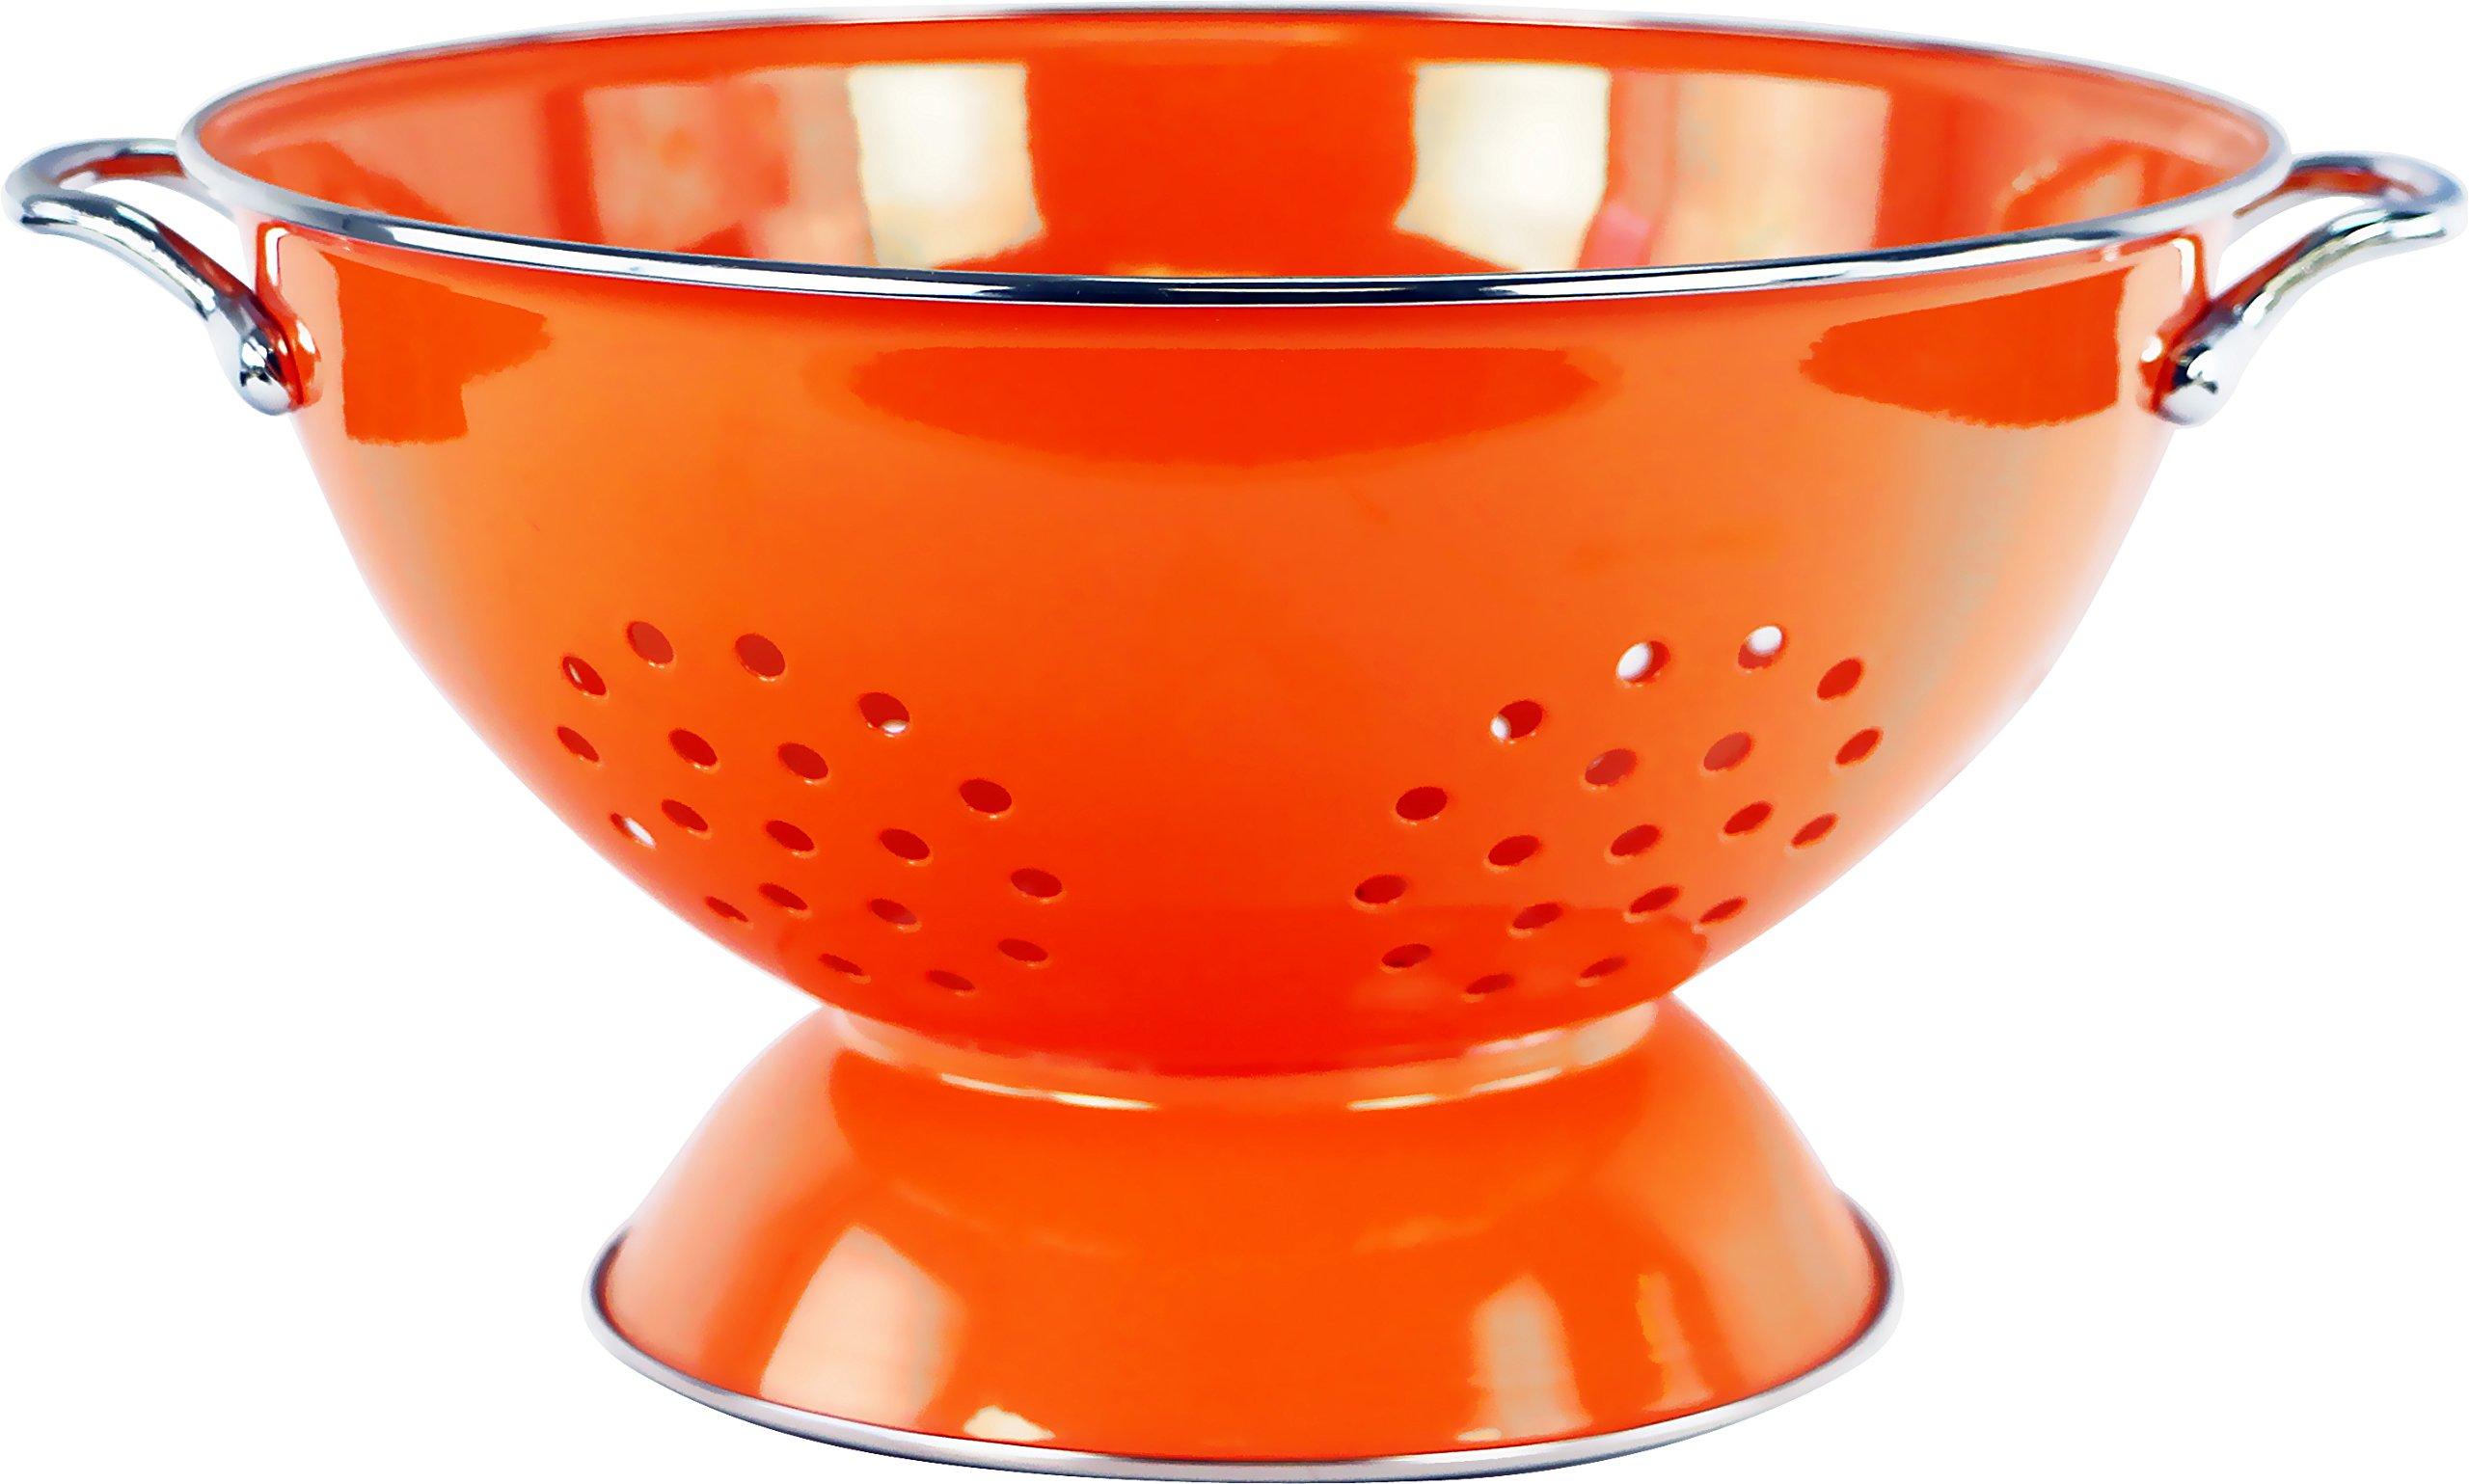 Calypso Basics by Reston Lloyd Powder Coated Enameled Colander, 5 Quart, Orange